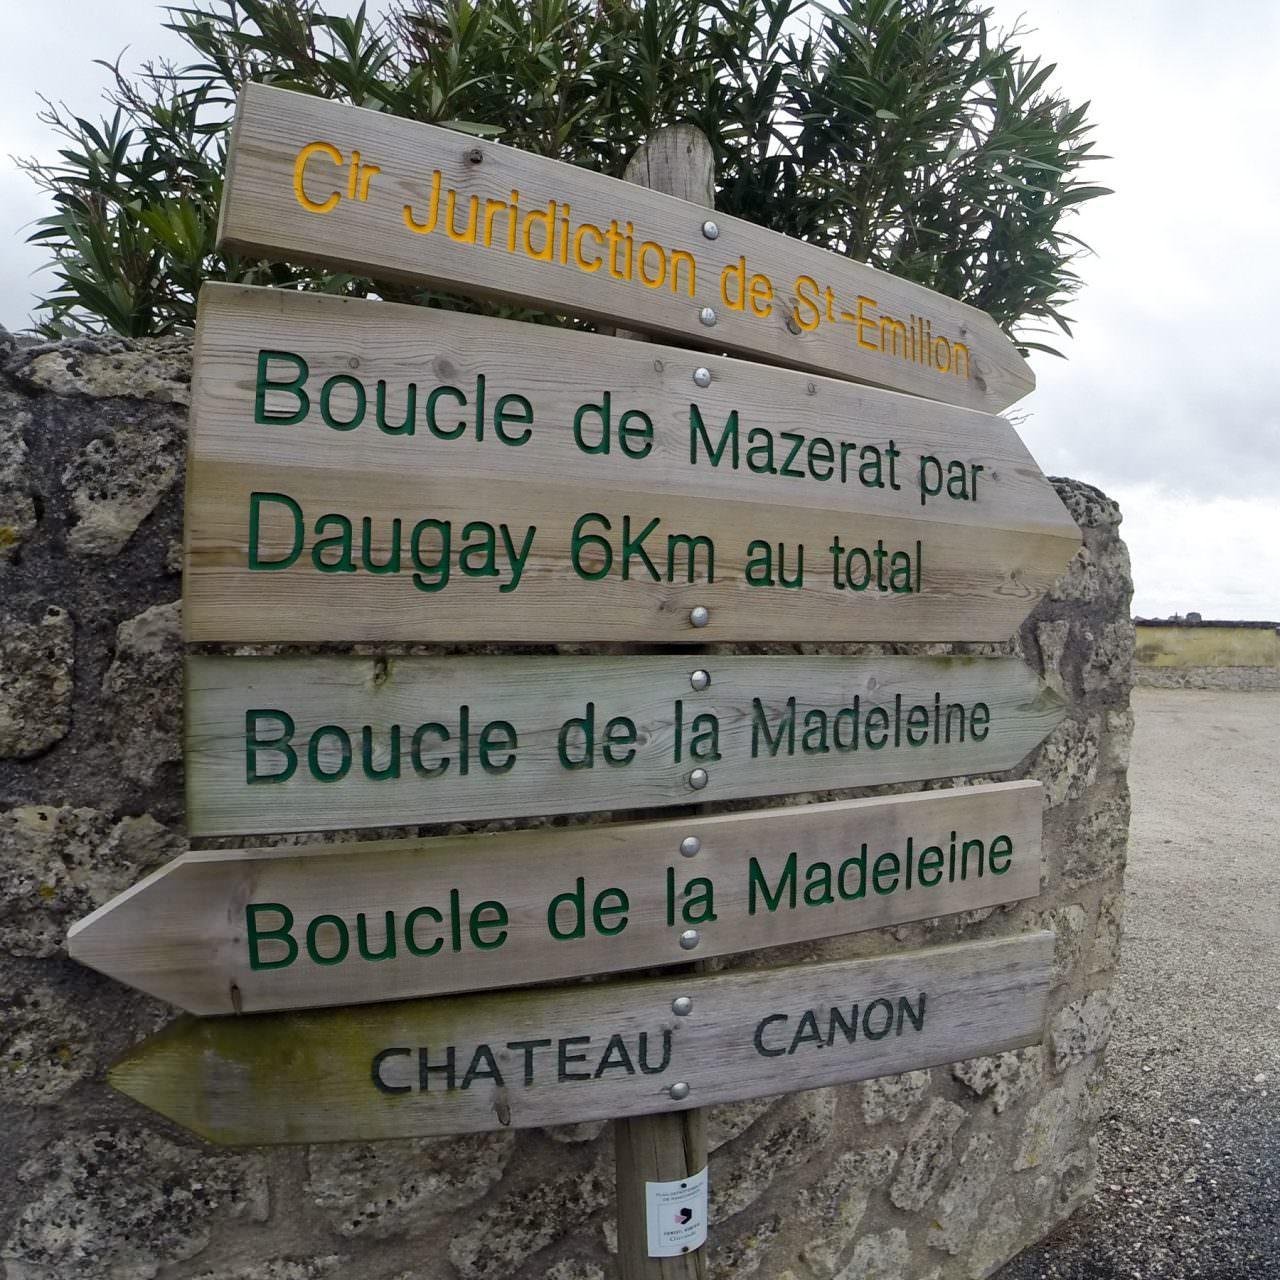 Saint-Émilion Signage